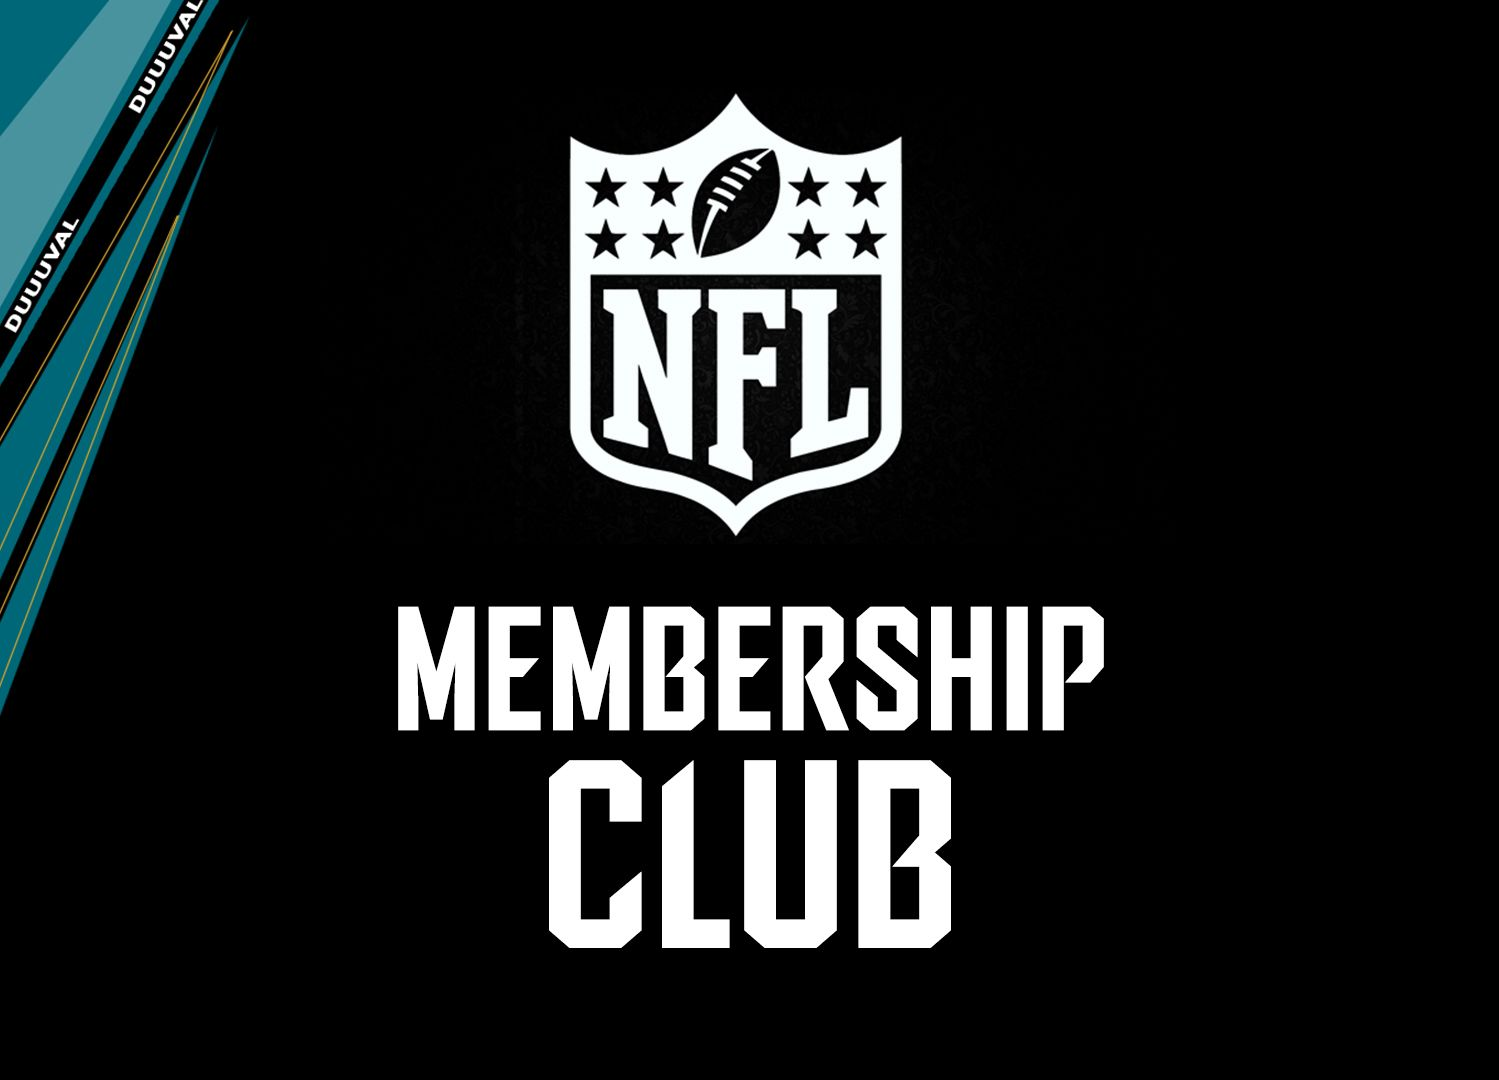 Membershipclub1